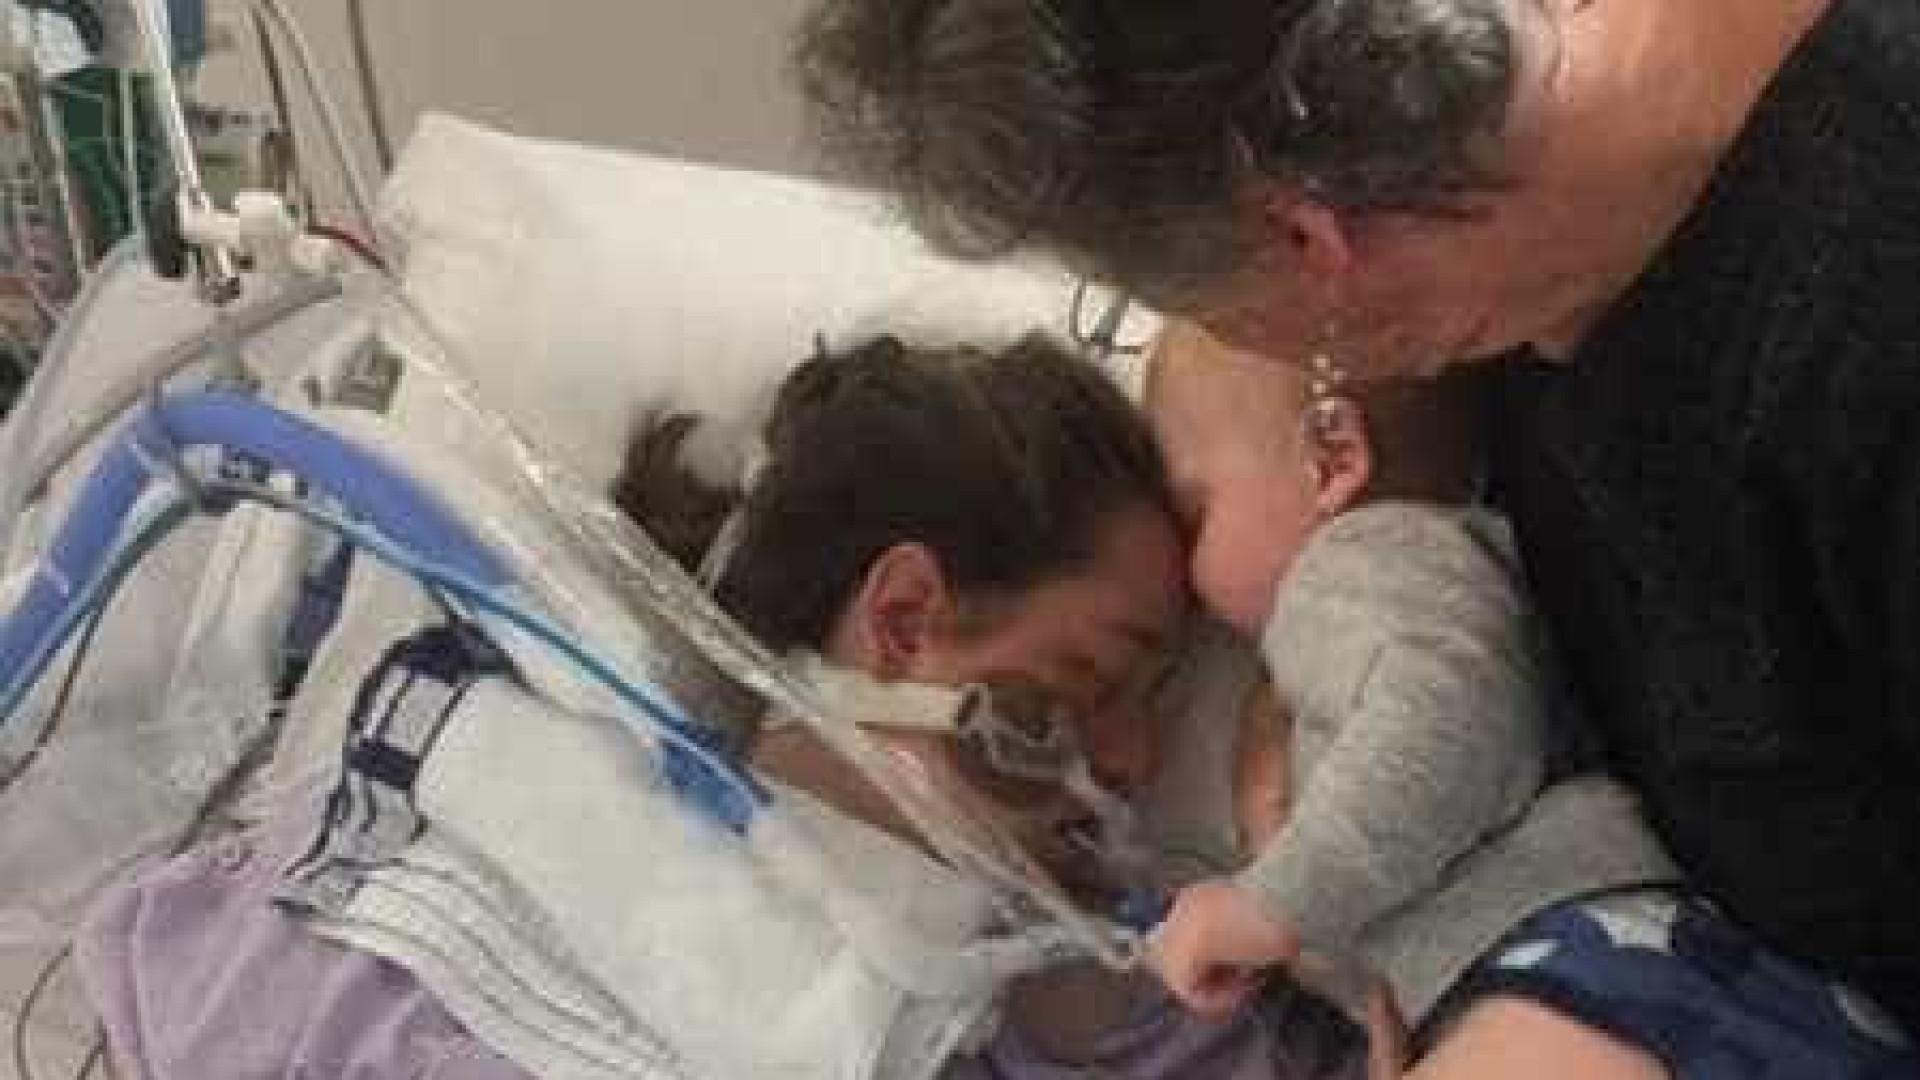 O 'último beijo' entre bebé e mãe que morre após dar à luz